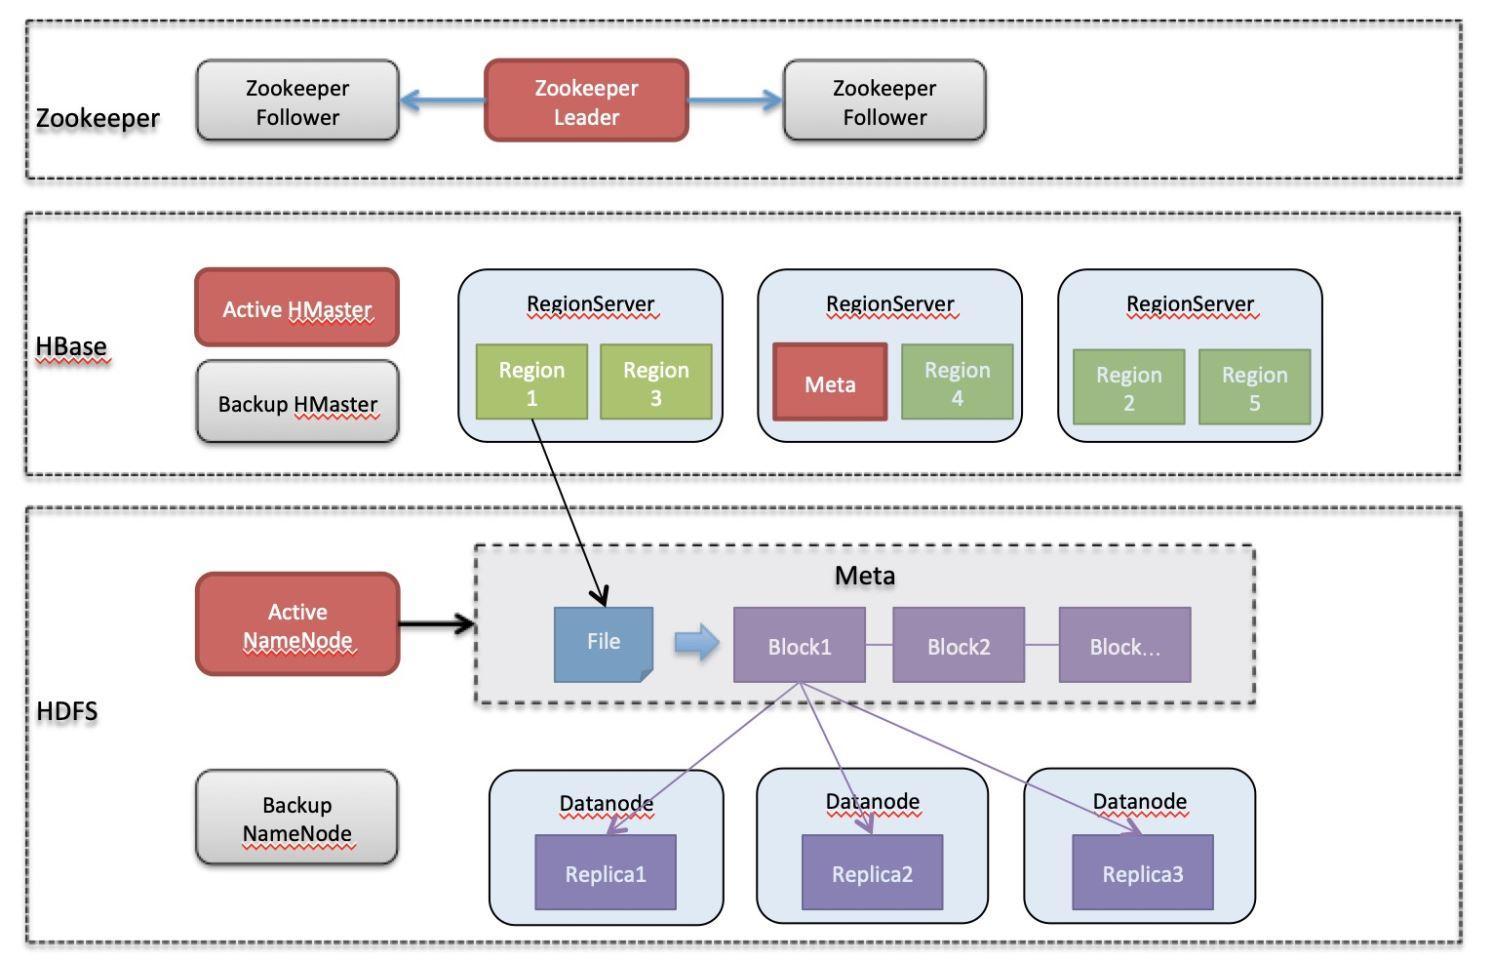 阿里云HBase推出普惠性高可用服务,独家支持用户的自建、混合云环境集群